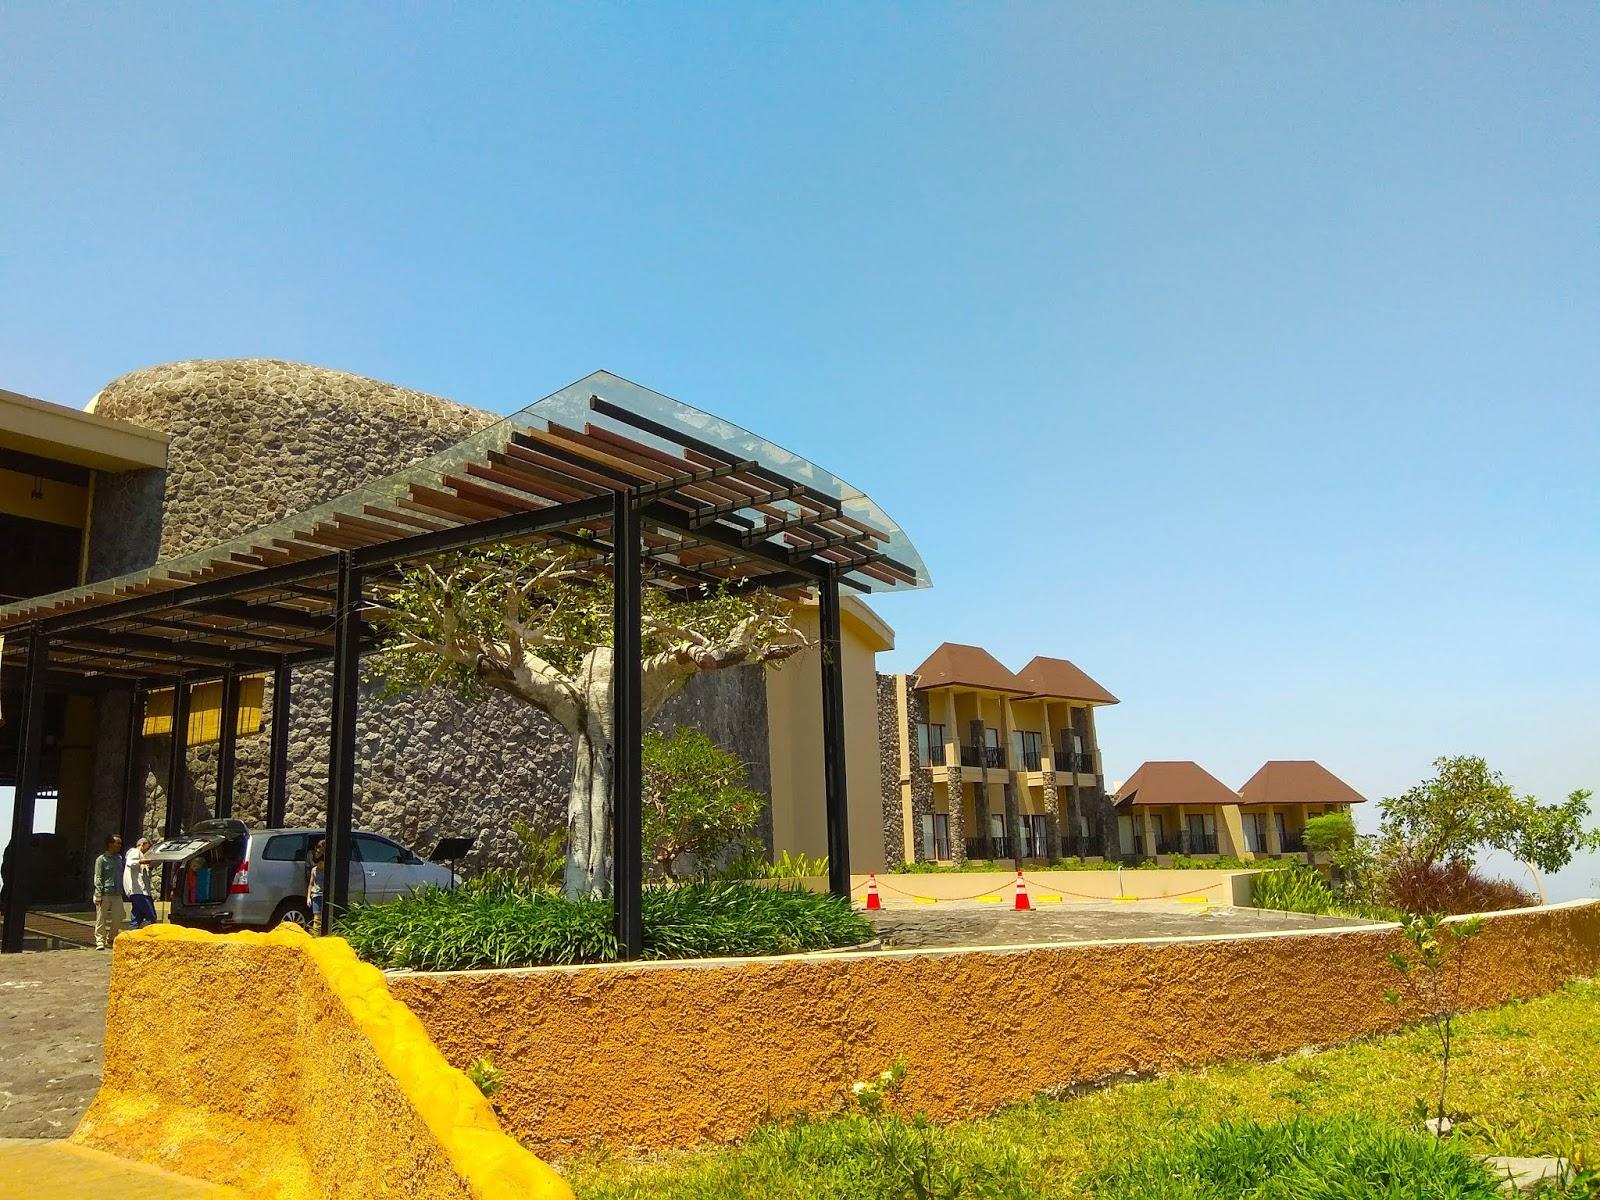 Staycation Dengan Suasana Afrika Di Baobab Safari Resort Prigen Voucher Hotel Ini Adalah Penginapan Milik Taman Pasuruan Konsep Jadi Area Ada Beberapa Hewan Liar Yang